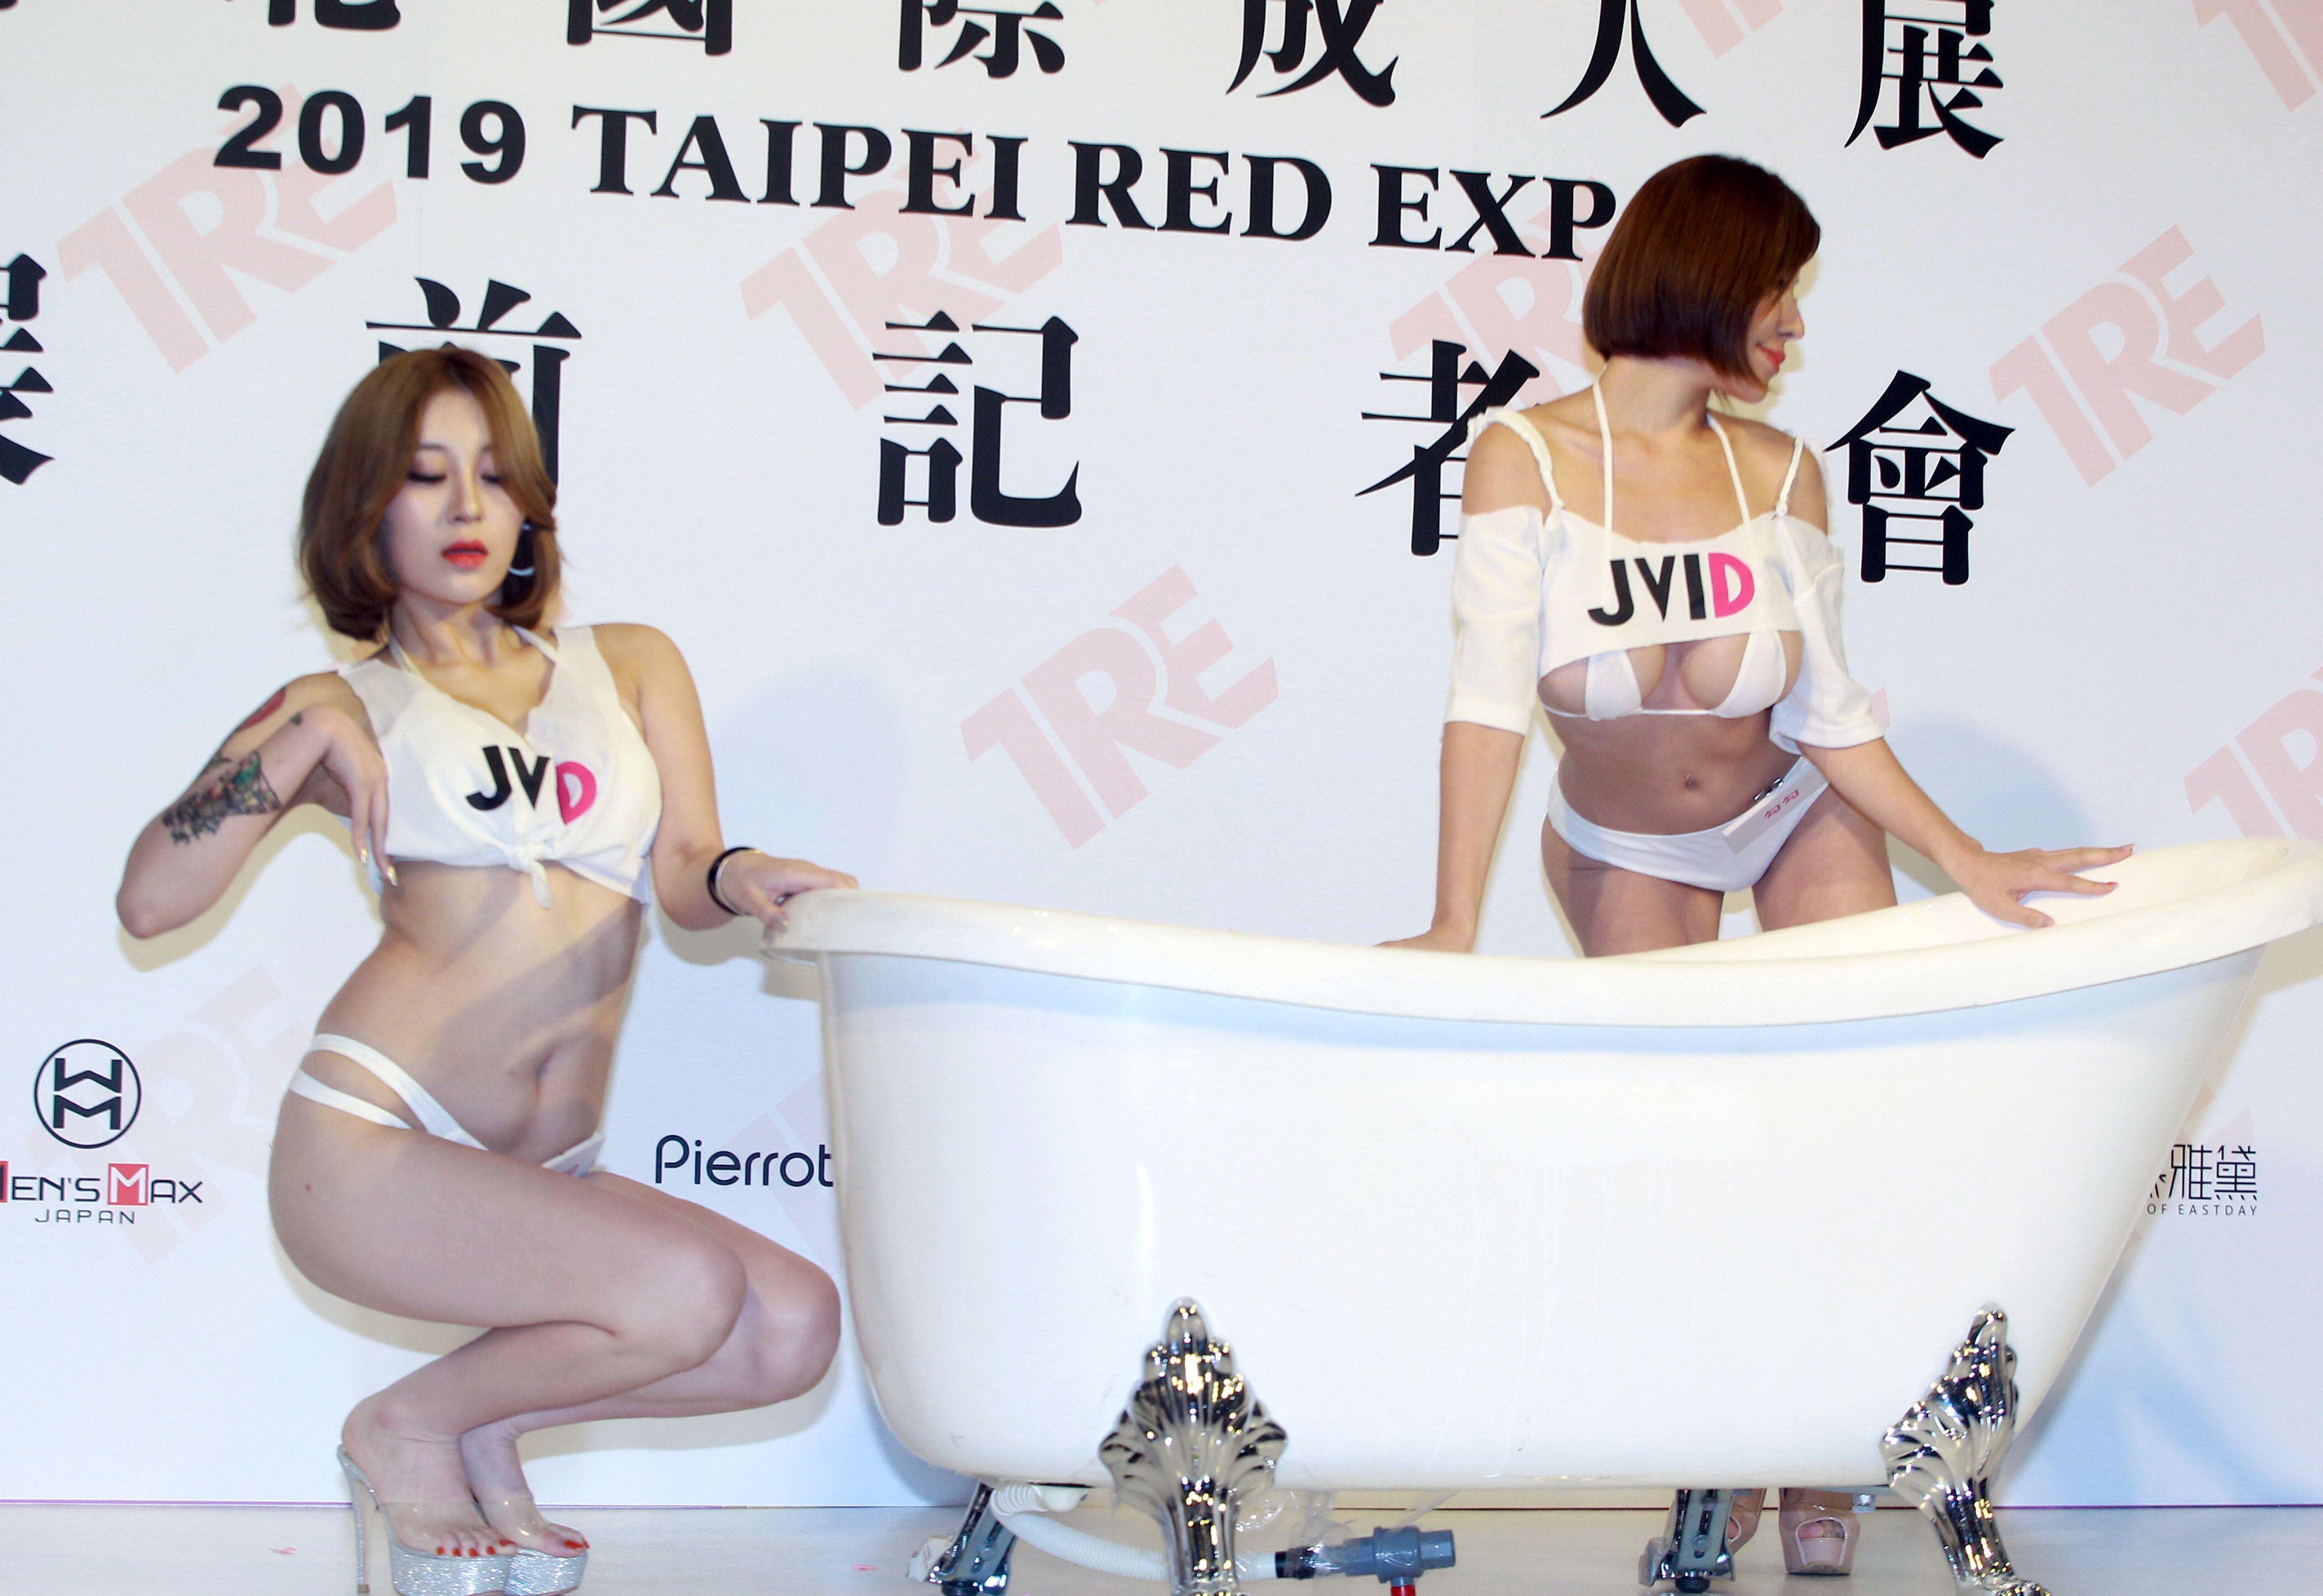 JKF女郎勾勾、香菜兒「櫻花牛奶泡泡浴」。(記者邱榮吉/攝影)